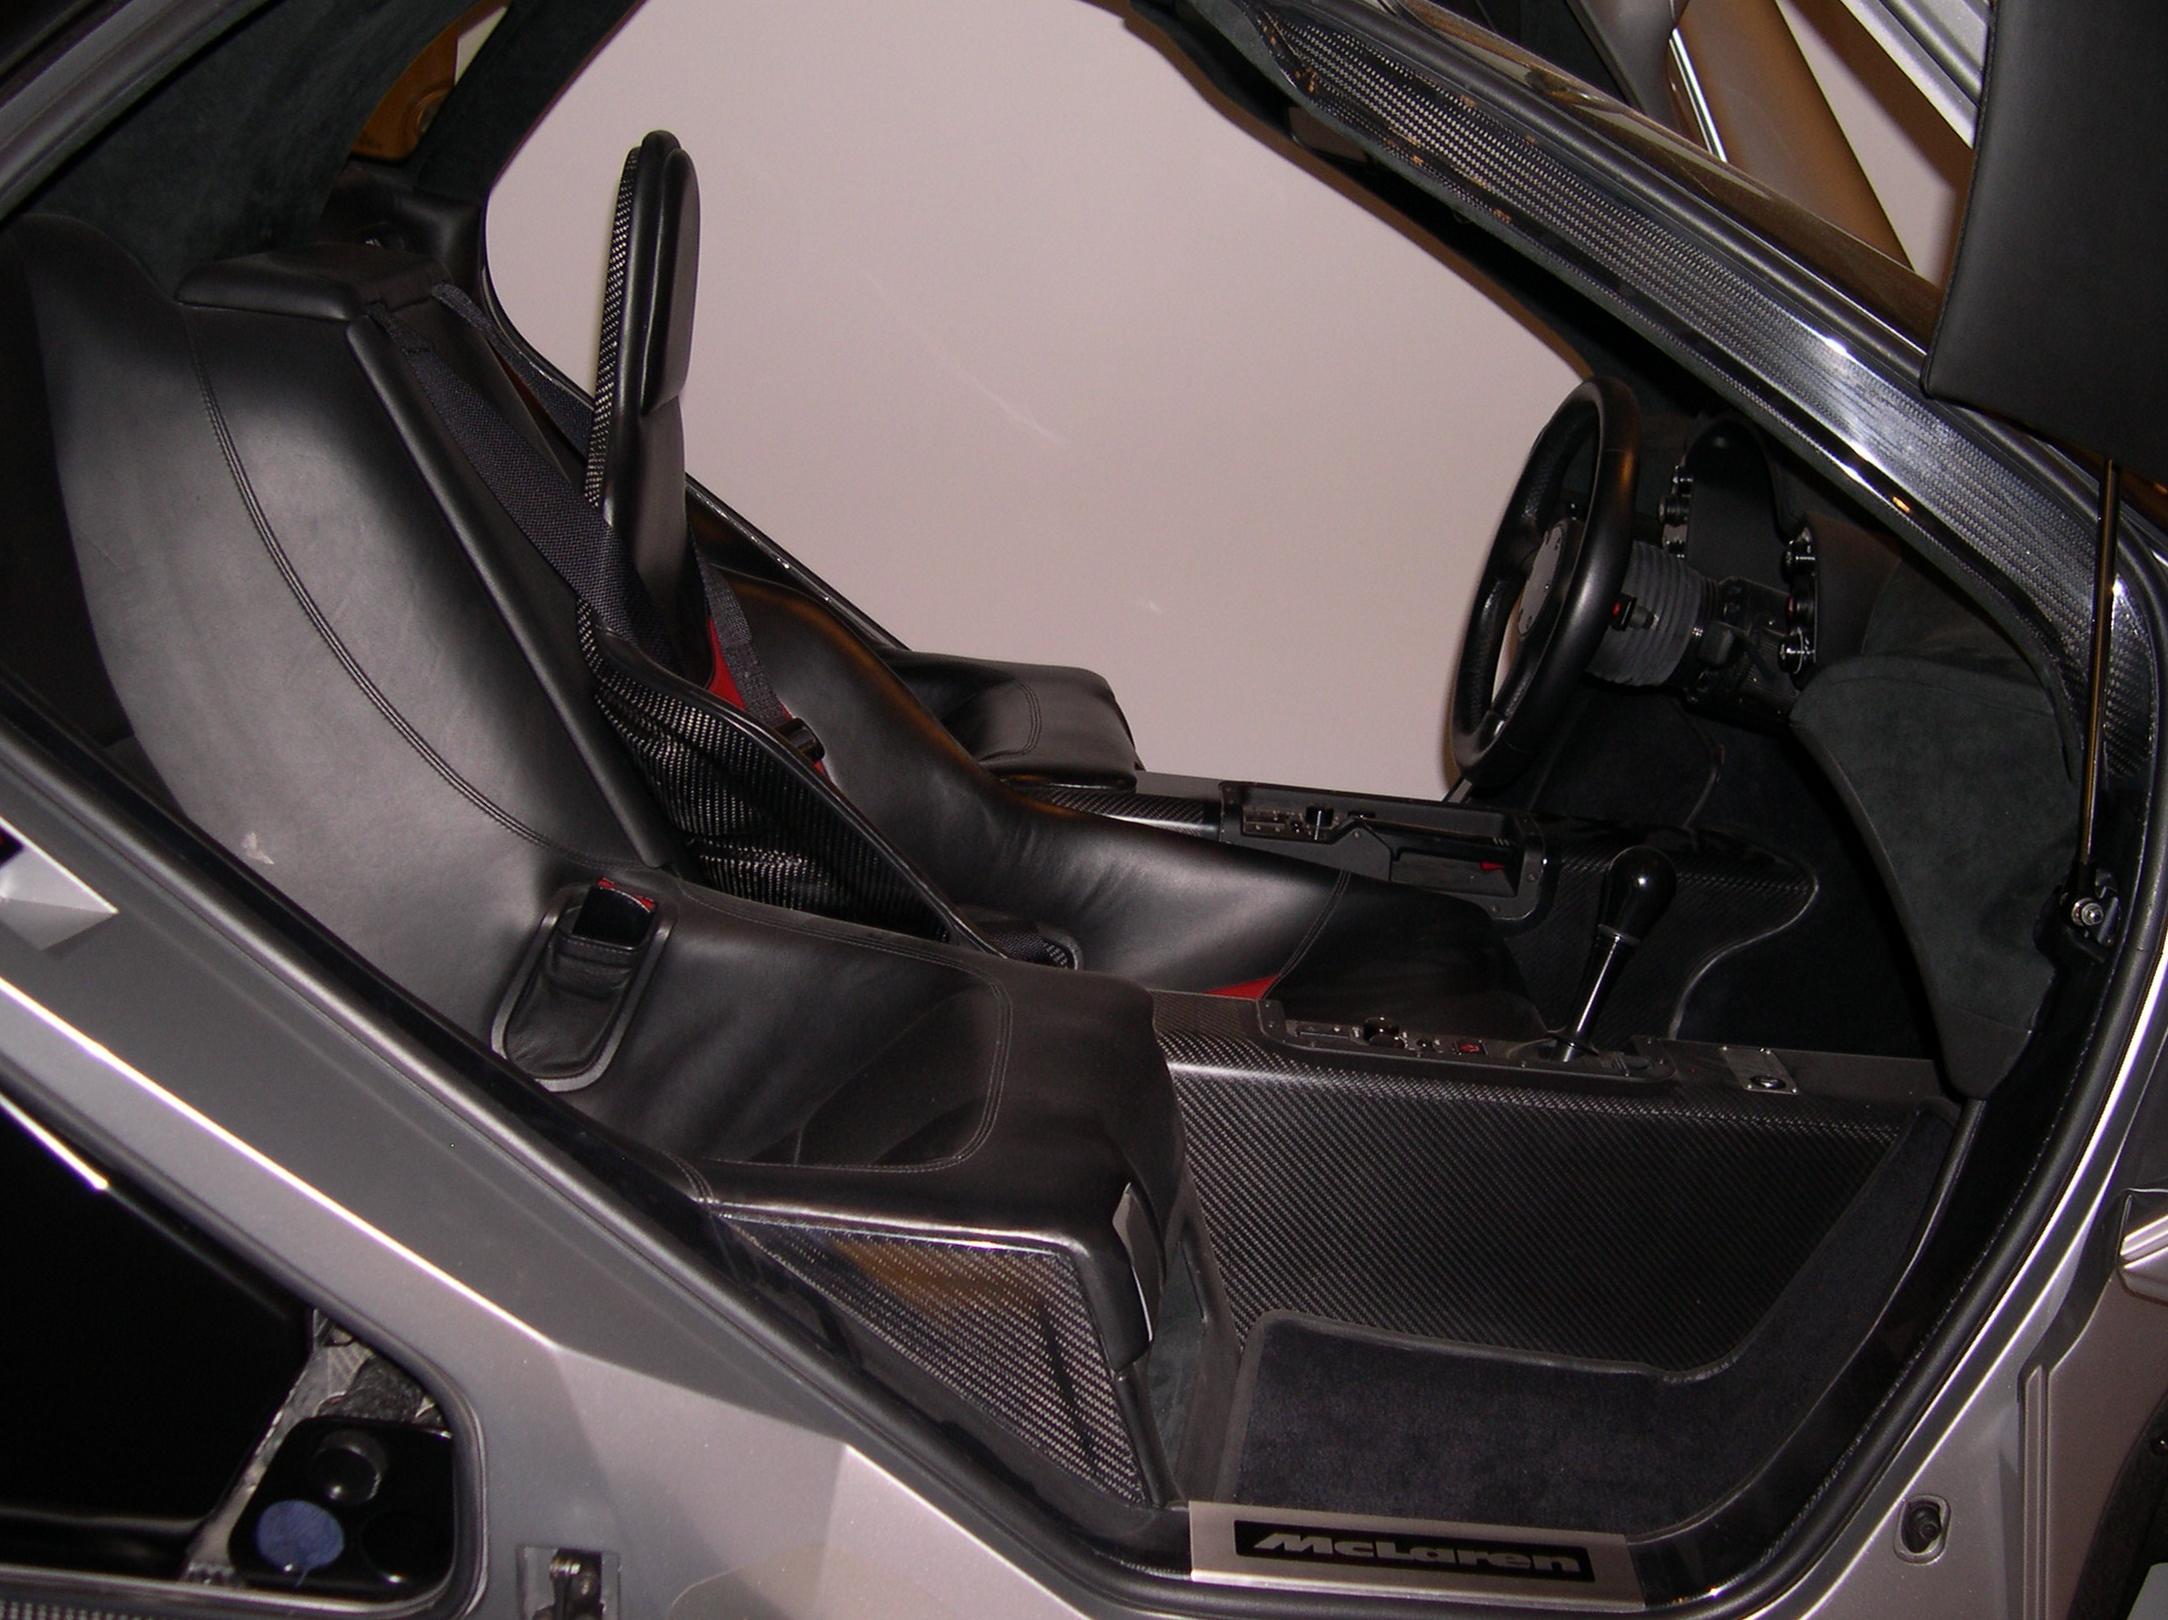 File:1996 McLaren F1 Interior